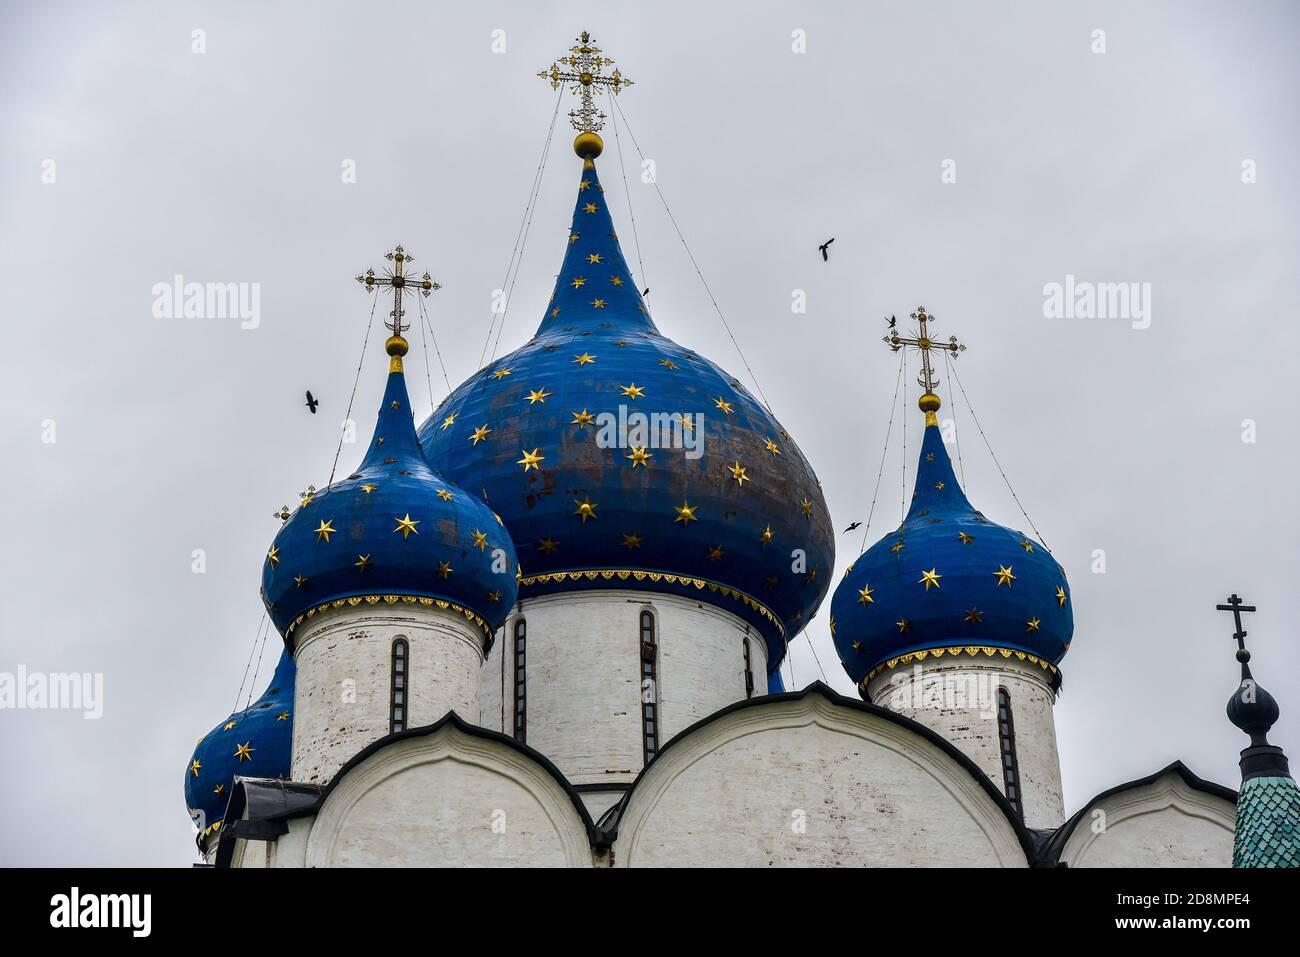 La cathédrale de la Nativité de la Vierge Marie bénie et les chambres de l'évêque du Kremlin de Suzdal. Suzdal, région de Vladimir, Russie. Dômes bleus Banque D'Images